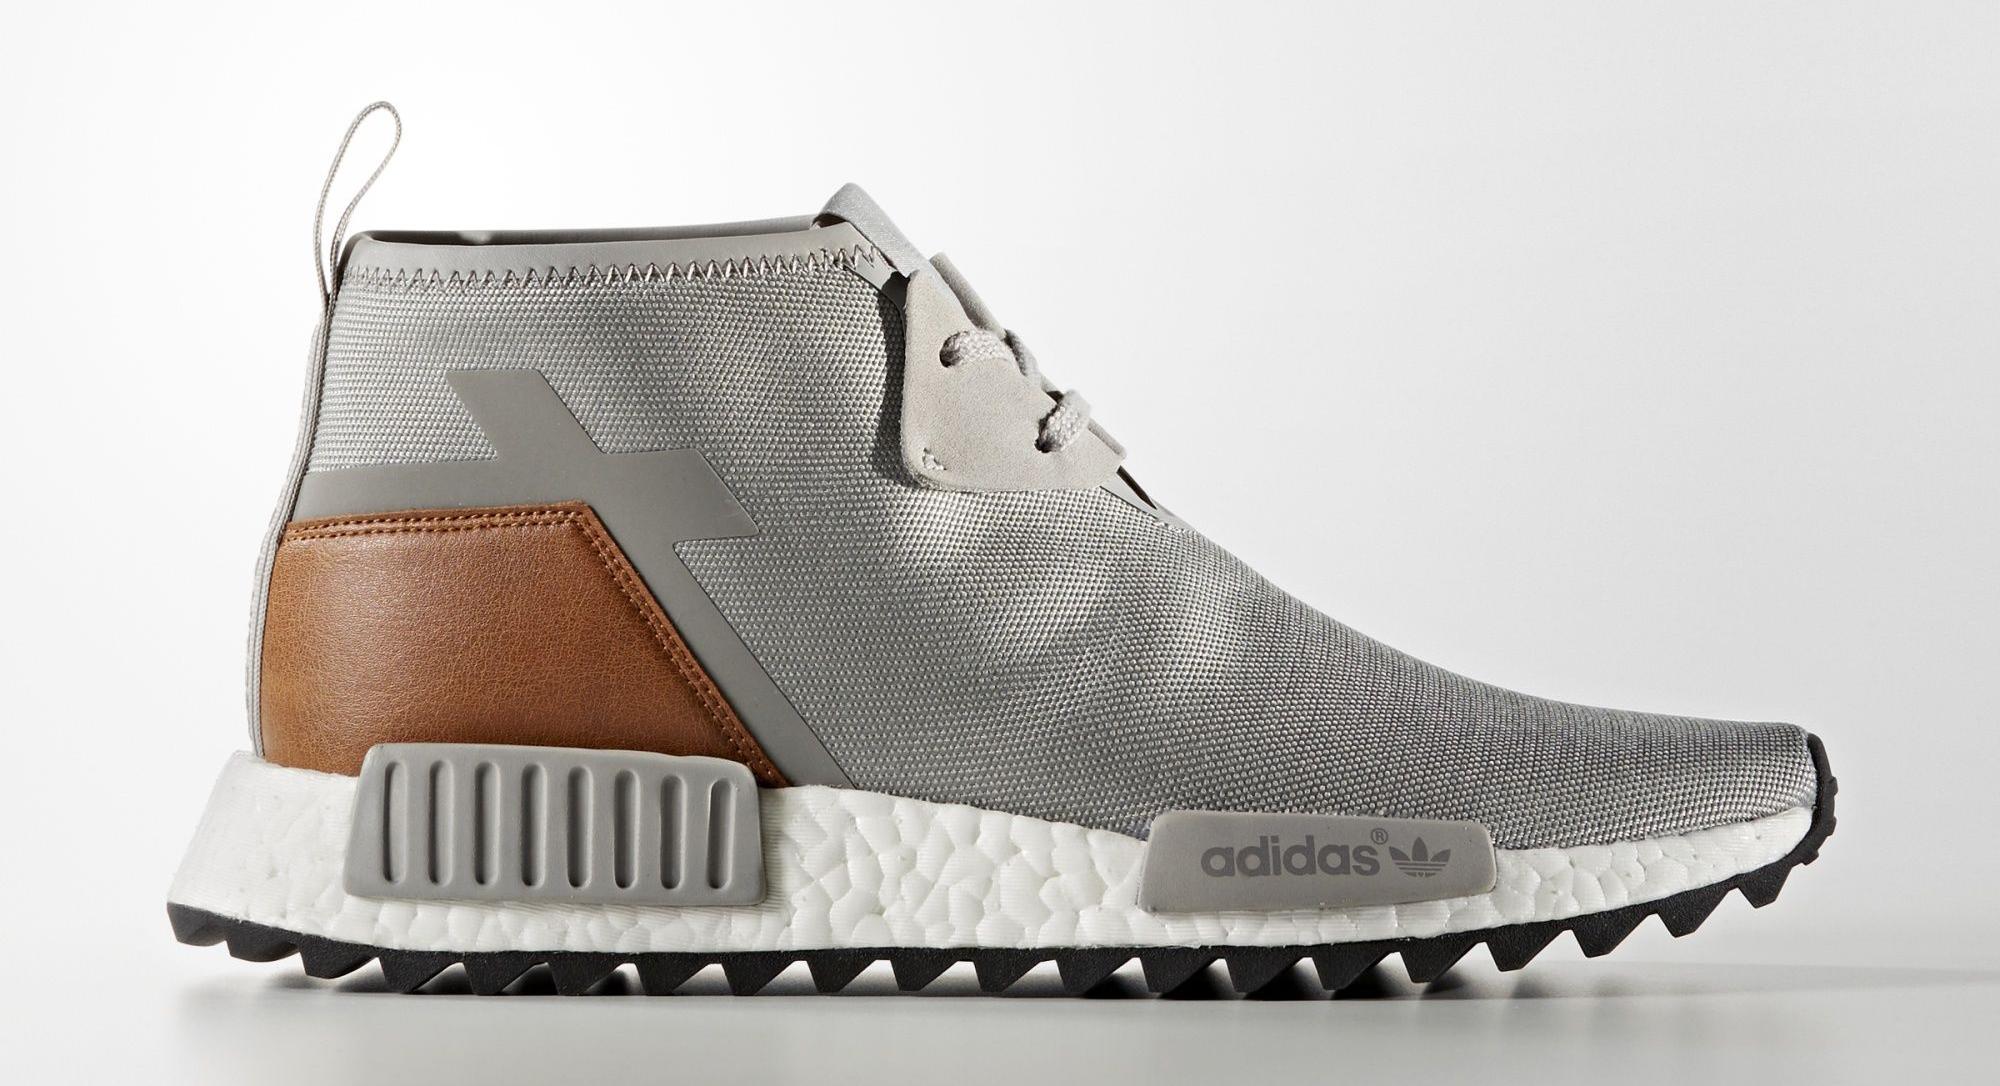 Adidas NMD Trail Grey